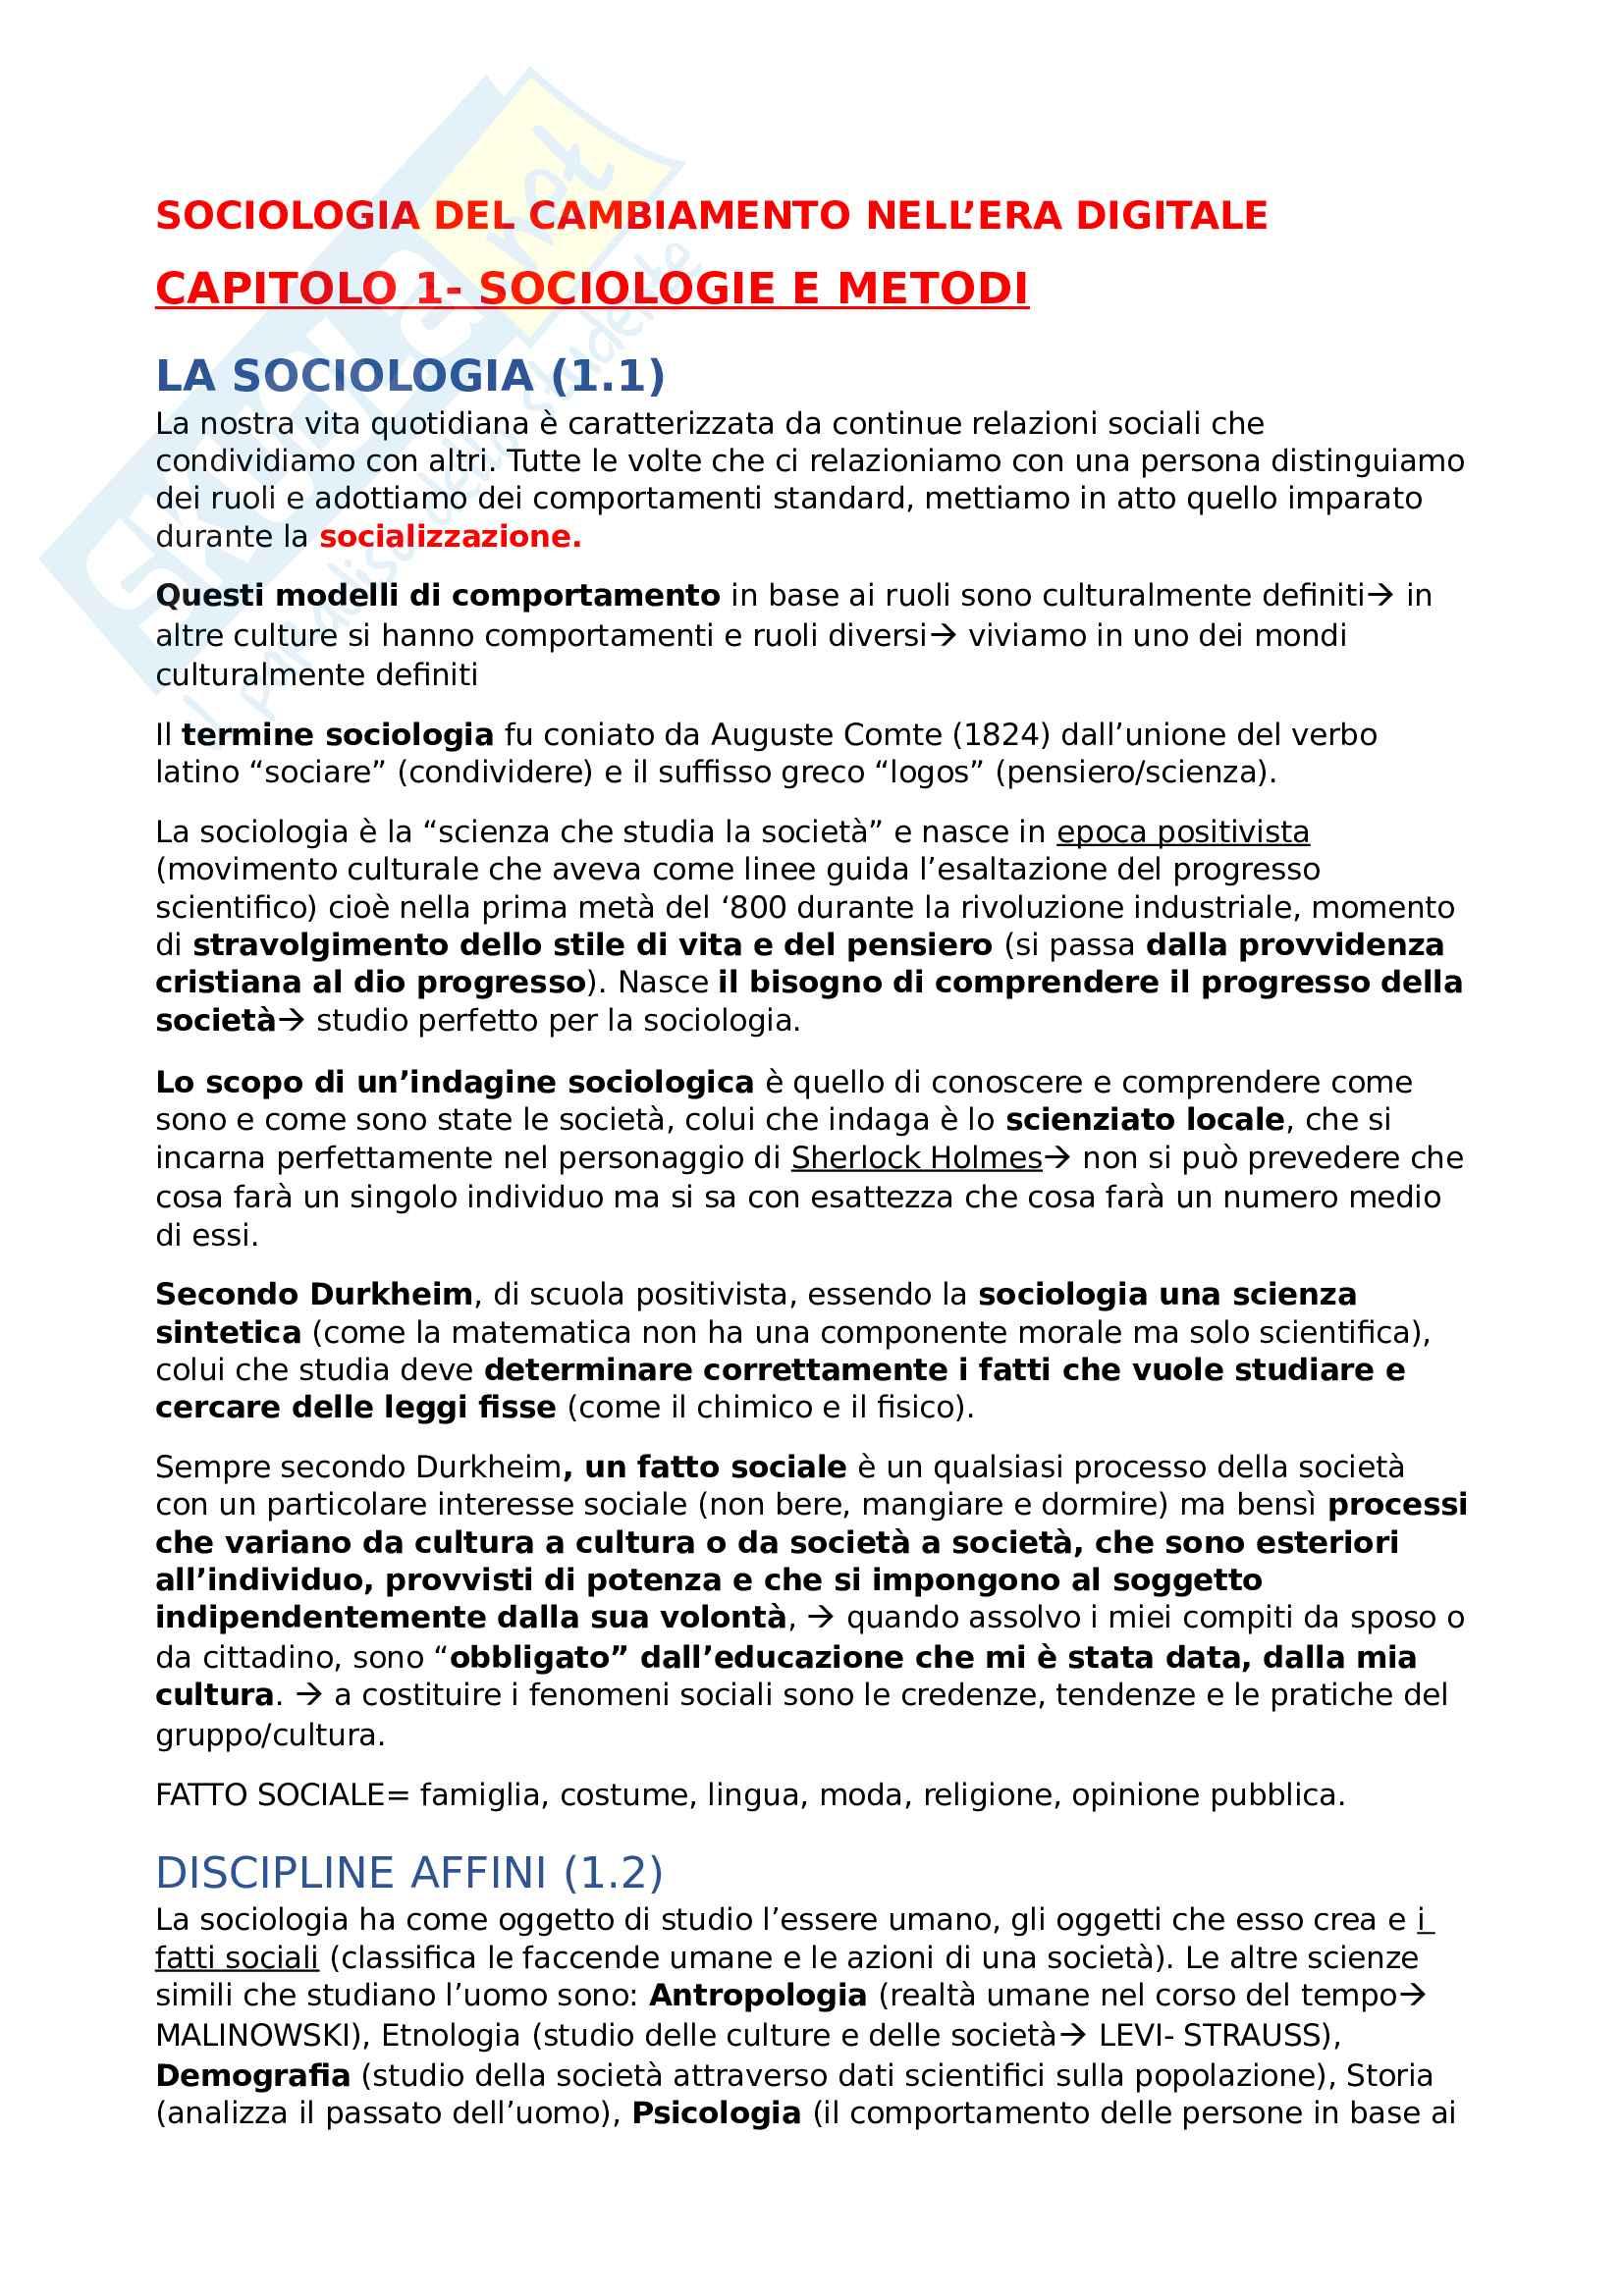 Sociologia del cambiamento nell' era digitale- 1° Parziale